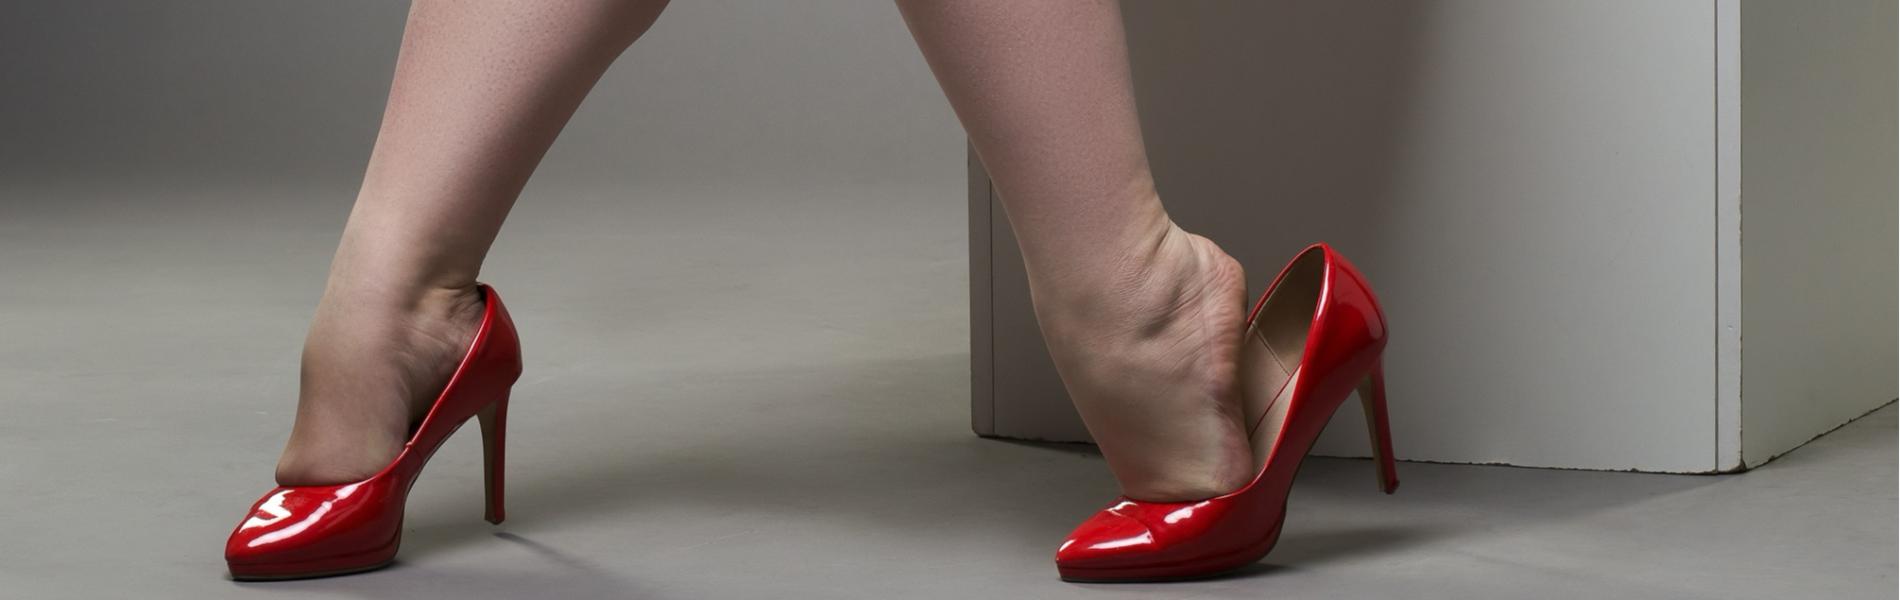 איך יכול להיות שעולם האופנה עדיין לא מצא פיתרון לרגליים שמנות?